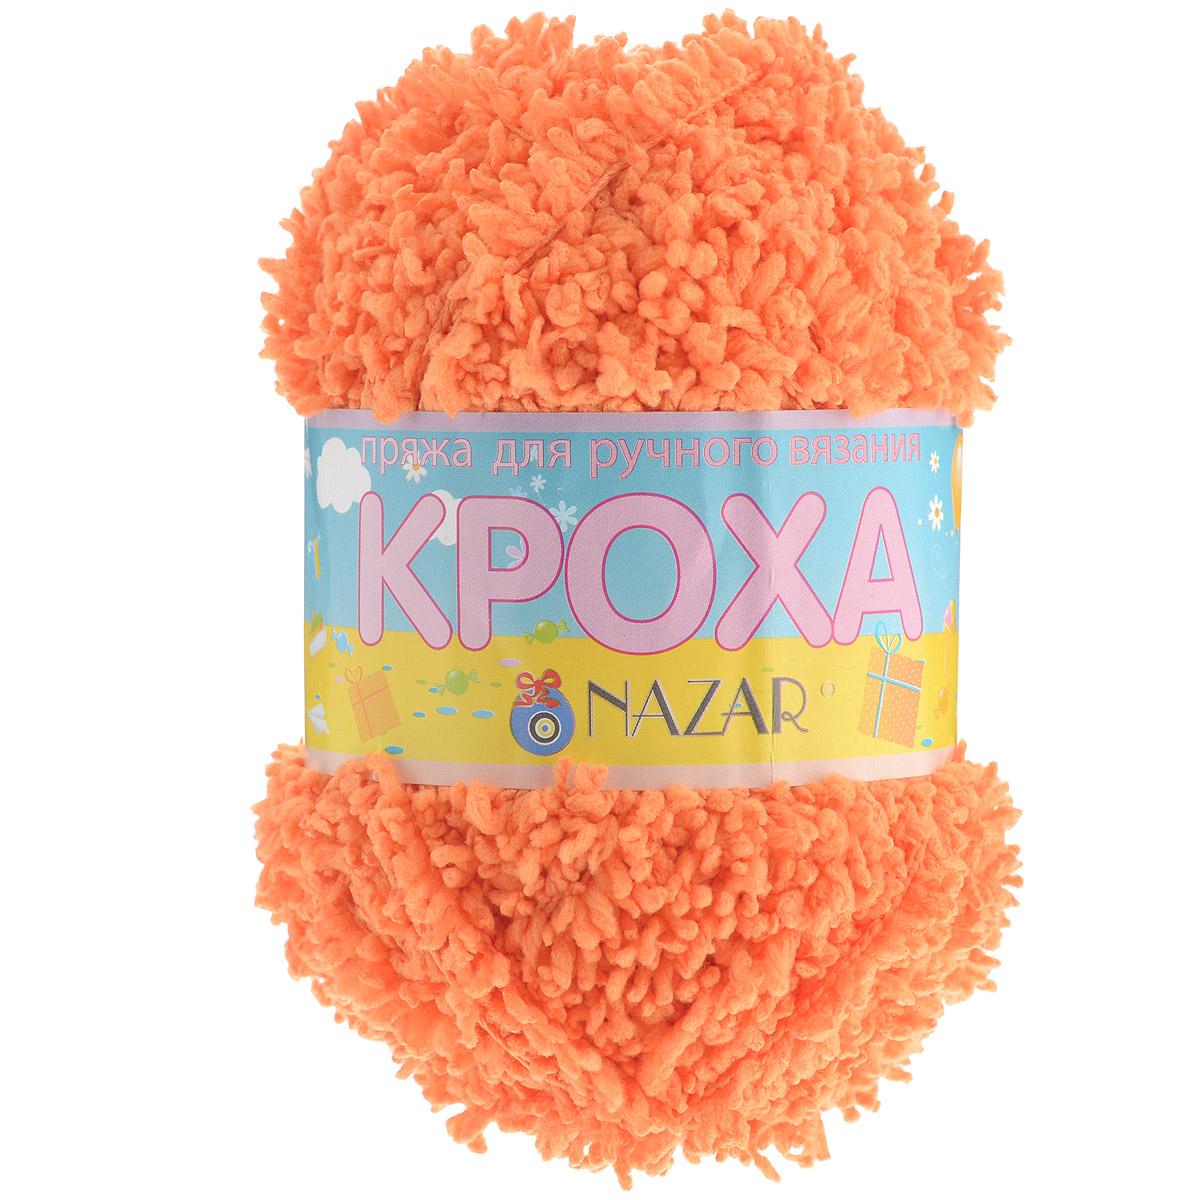 Пряжа для вязания детская Nazar Кроха, цвет: оранжевый (2669), 75 м, 50 г, 10 шт349017_2669Nazar Кроха - это фантастически мягкая пряжа, изготовленная из 100% микрополиэстера. Такая пряжа идеально подойдет для изготовления игрушек или детской одежды. Изделия практичны в носке и уходе. Рекомендуется вязать спицами платочной или чулочной вязкой (кулинарная гладь). Комплектация: 10 мотков. Состав: 100% микрополиэстер.